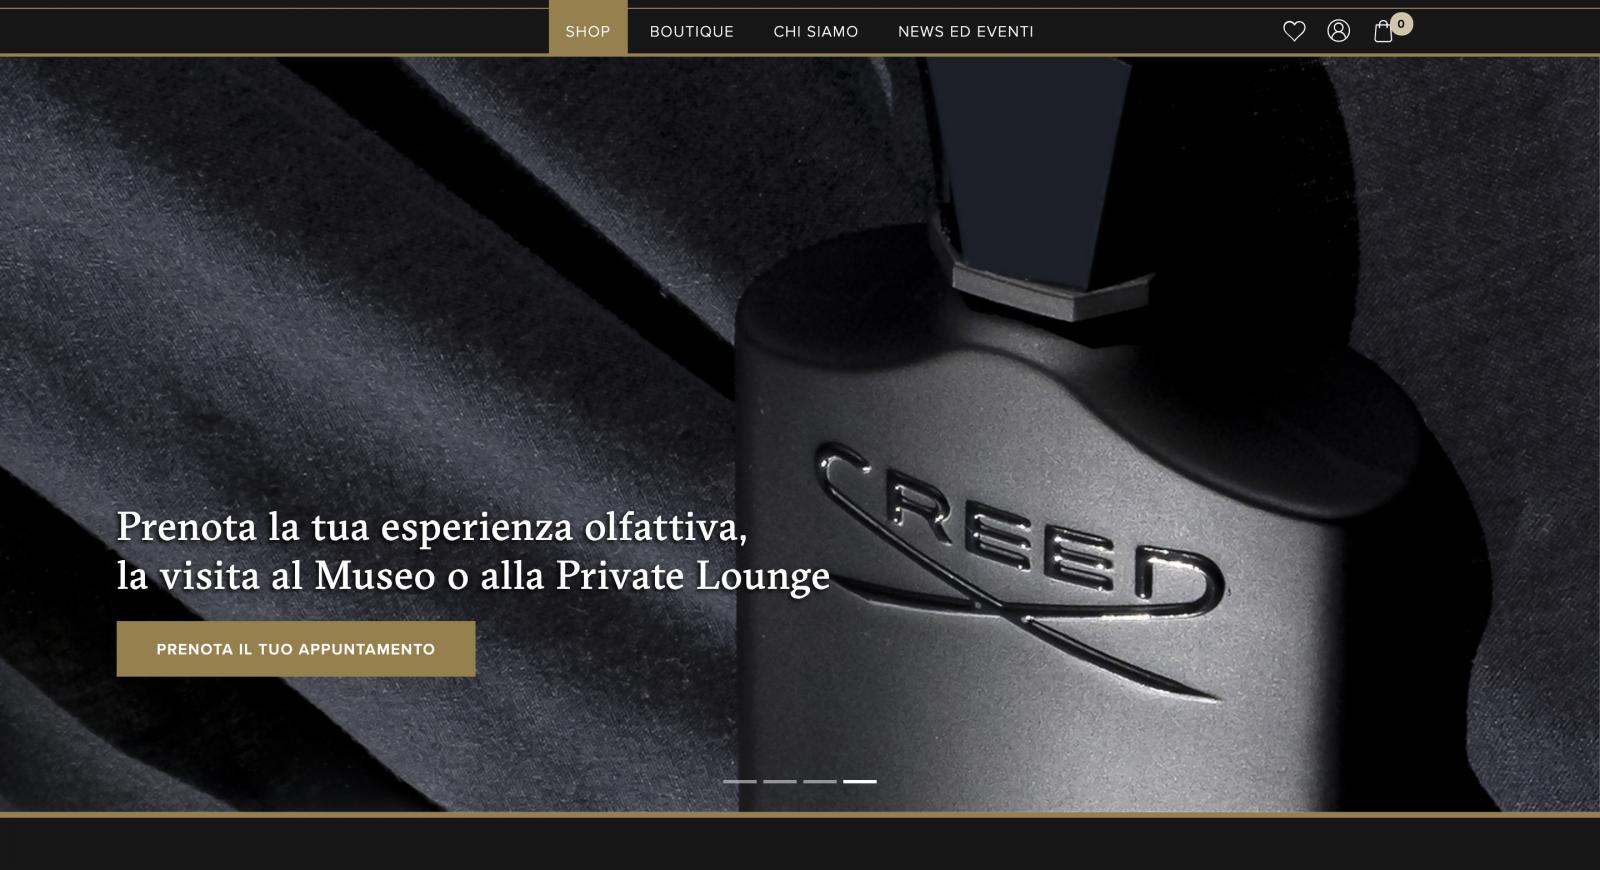 CREED Boutique Italia website